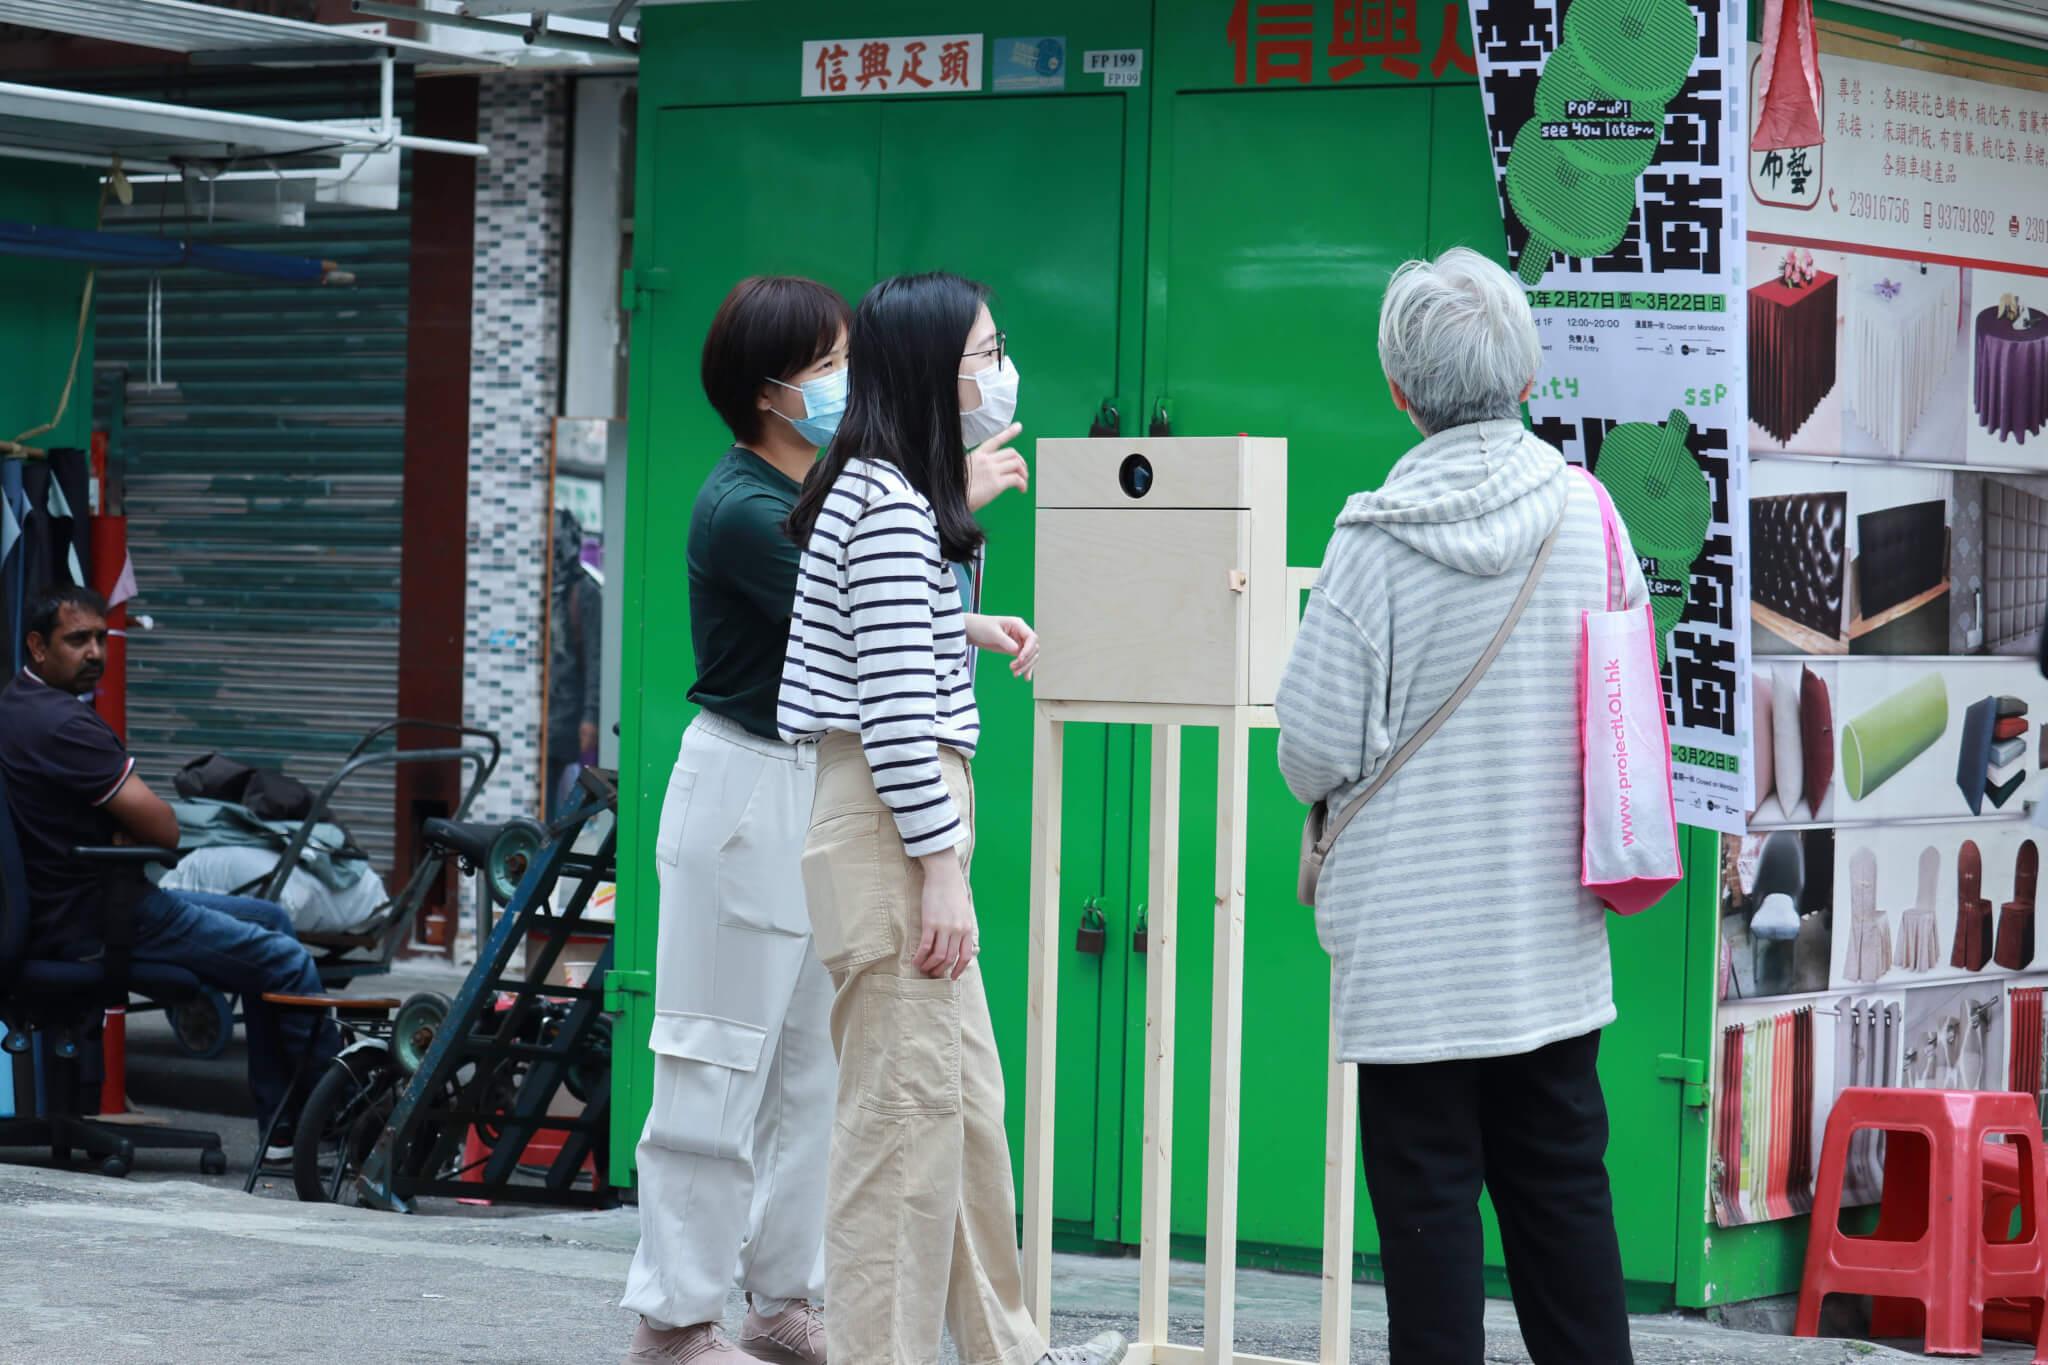 展覽團隊也將設計裝置帶回街道,如圖中的日常幻燈機,則回到了基隆街與社區互動。